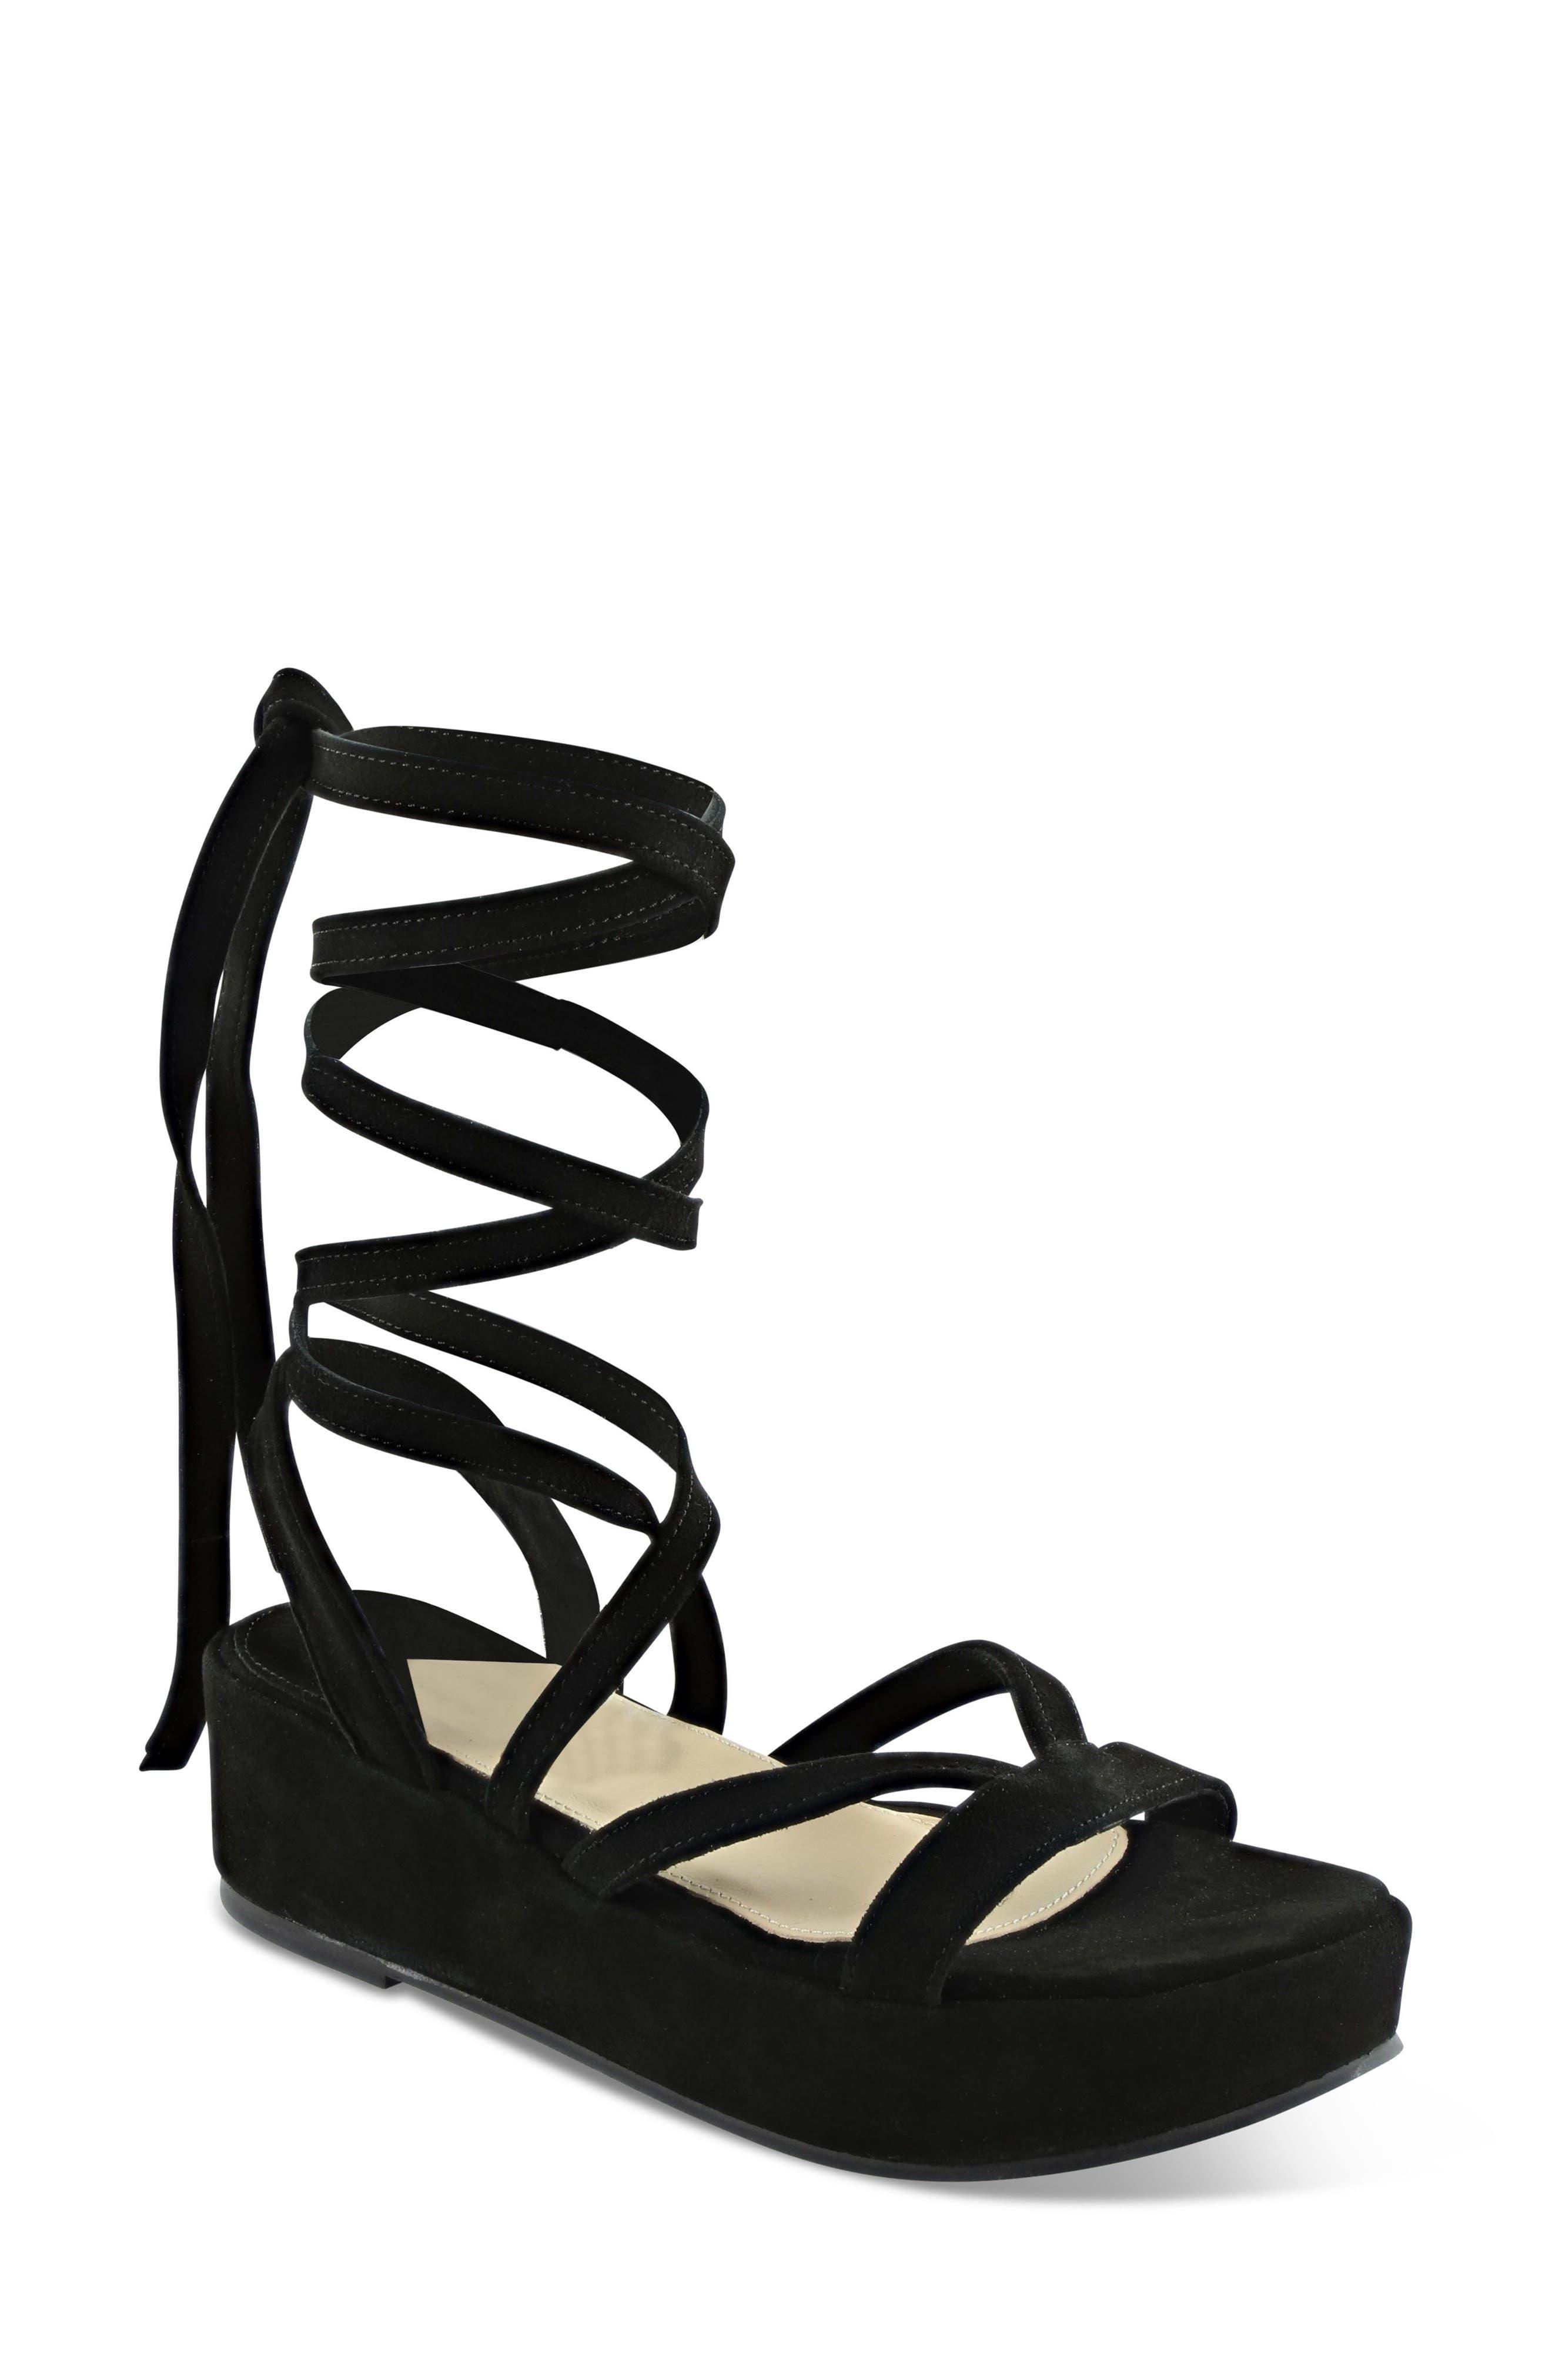 Keri Gladiator Platform Sandal,                         Main,                         color, Black Suede